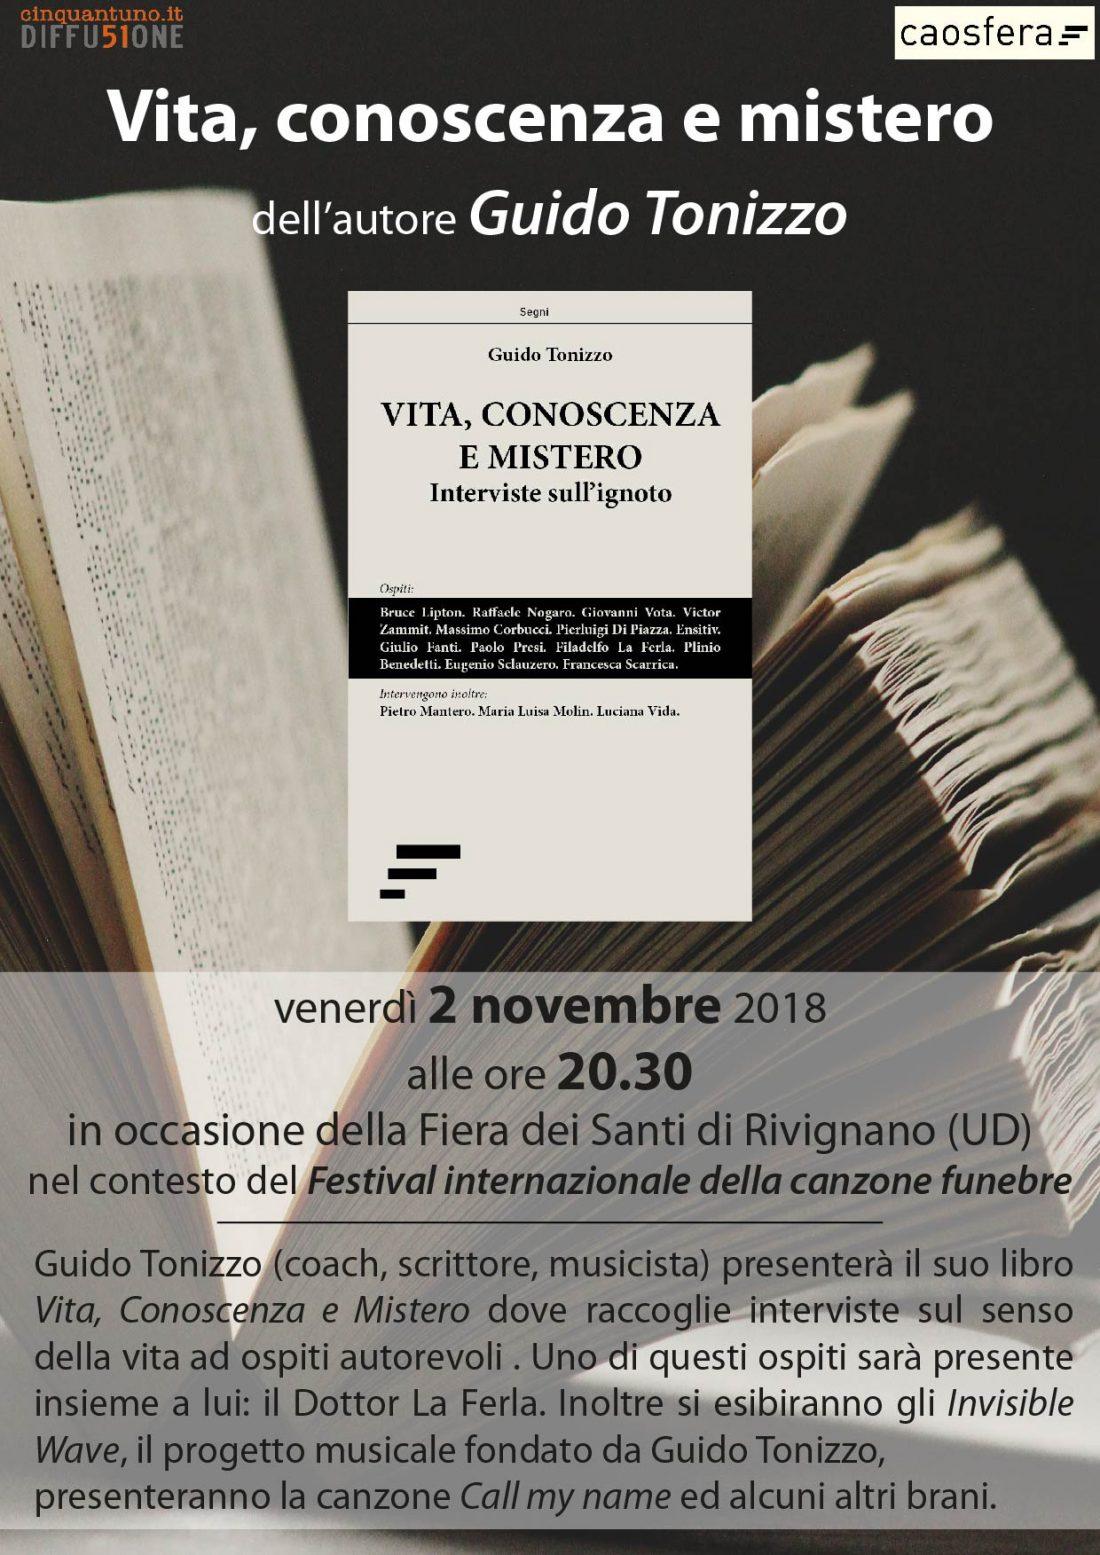 Presentazione del libro Vita, conoscenza e mistero di Guido Tonizzo